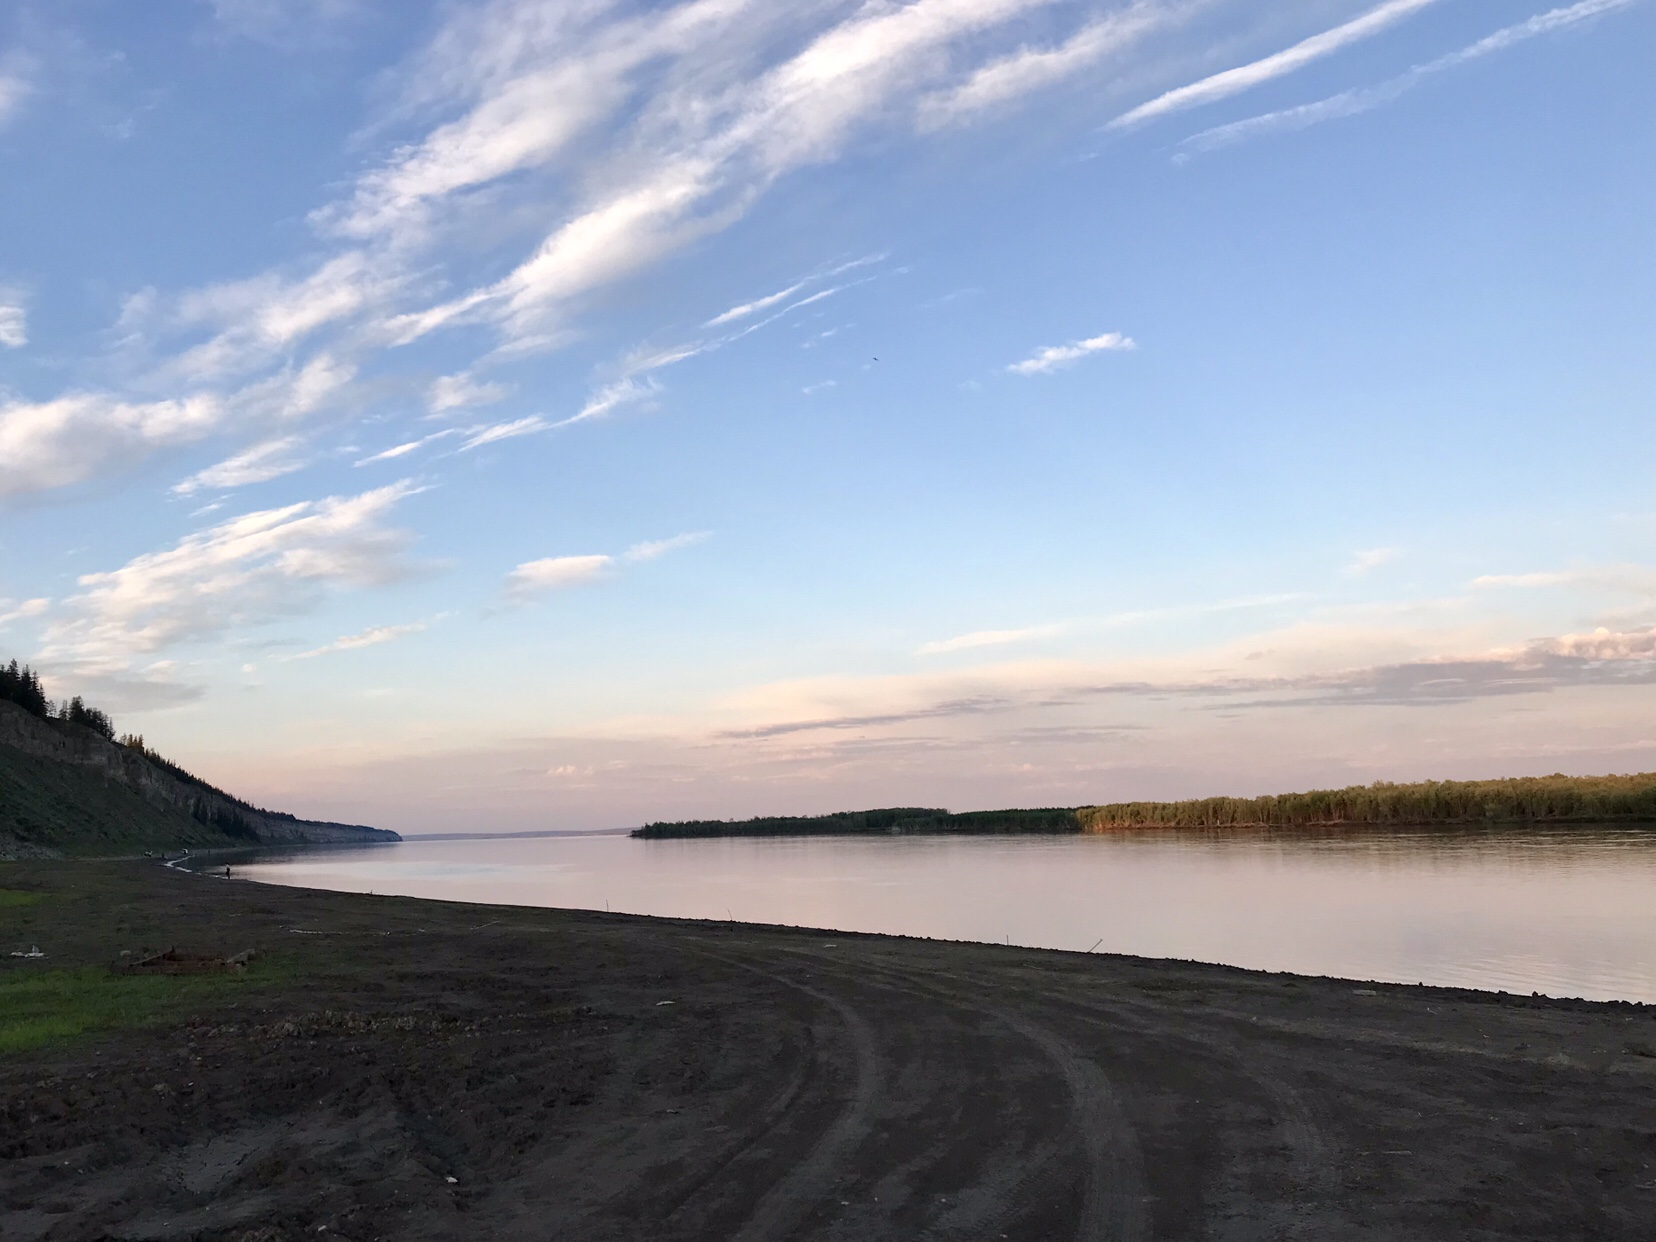 Offroad-Reise mit dem Pickup Truck auf dem Sibirischen Trakt in den Fernen Osten Russlands